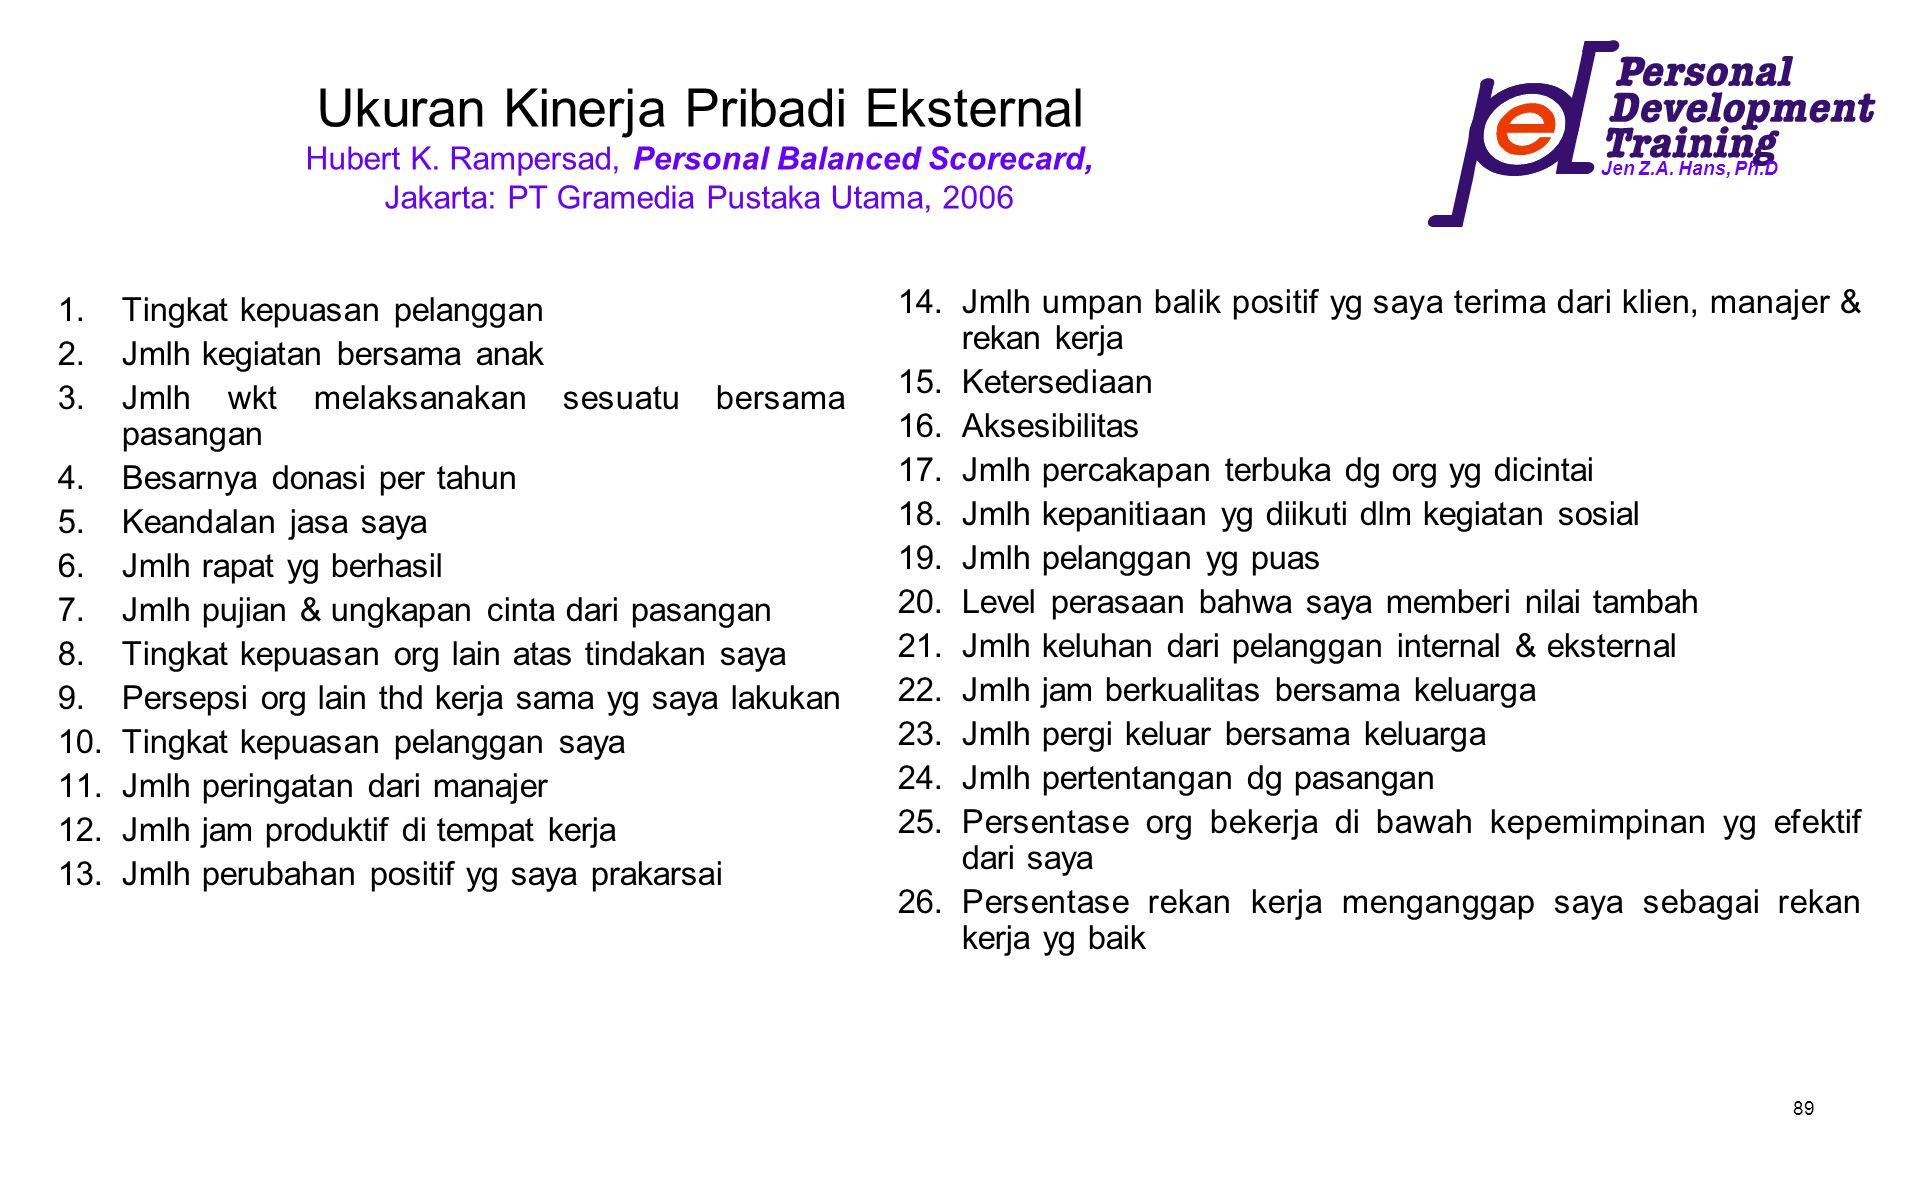 Jen Z.A.Hans, Ph.D 89 Ukuran Kinerja Pribadi Eksternal Hubert K.